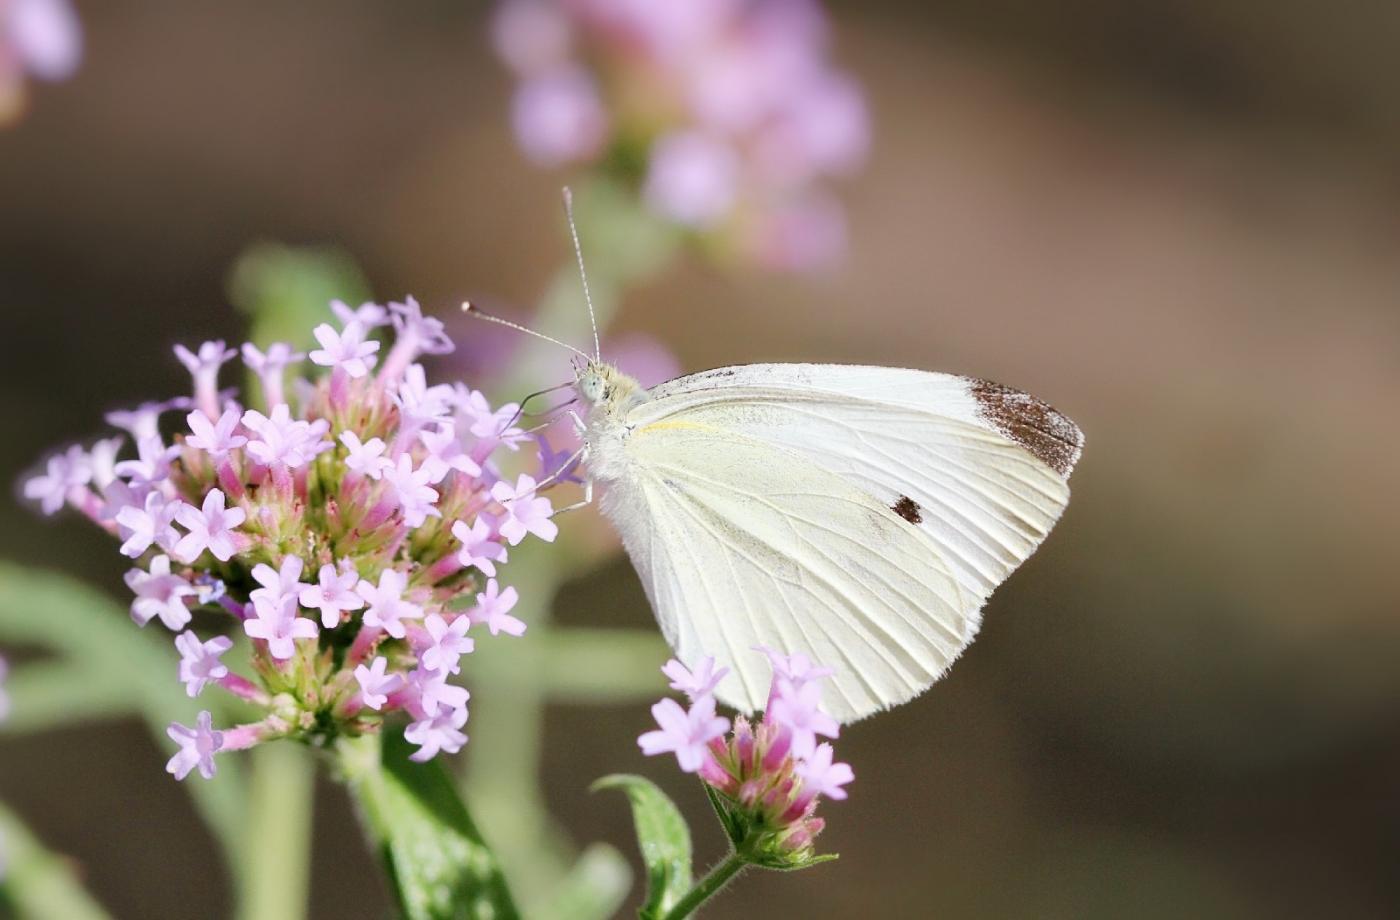 【田螺随拍】我院子里的蝴蝶_图1-7